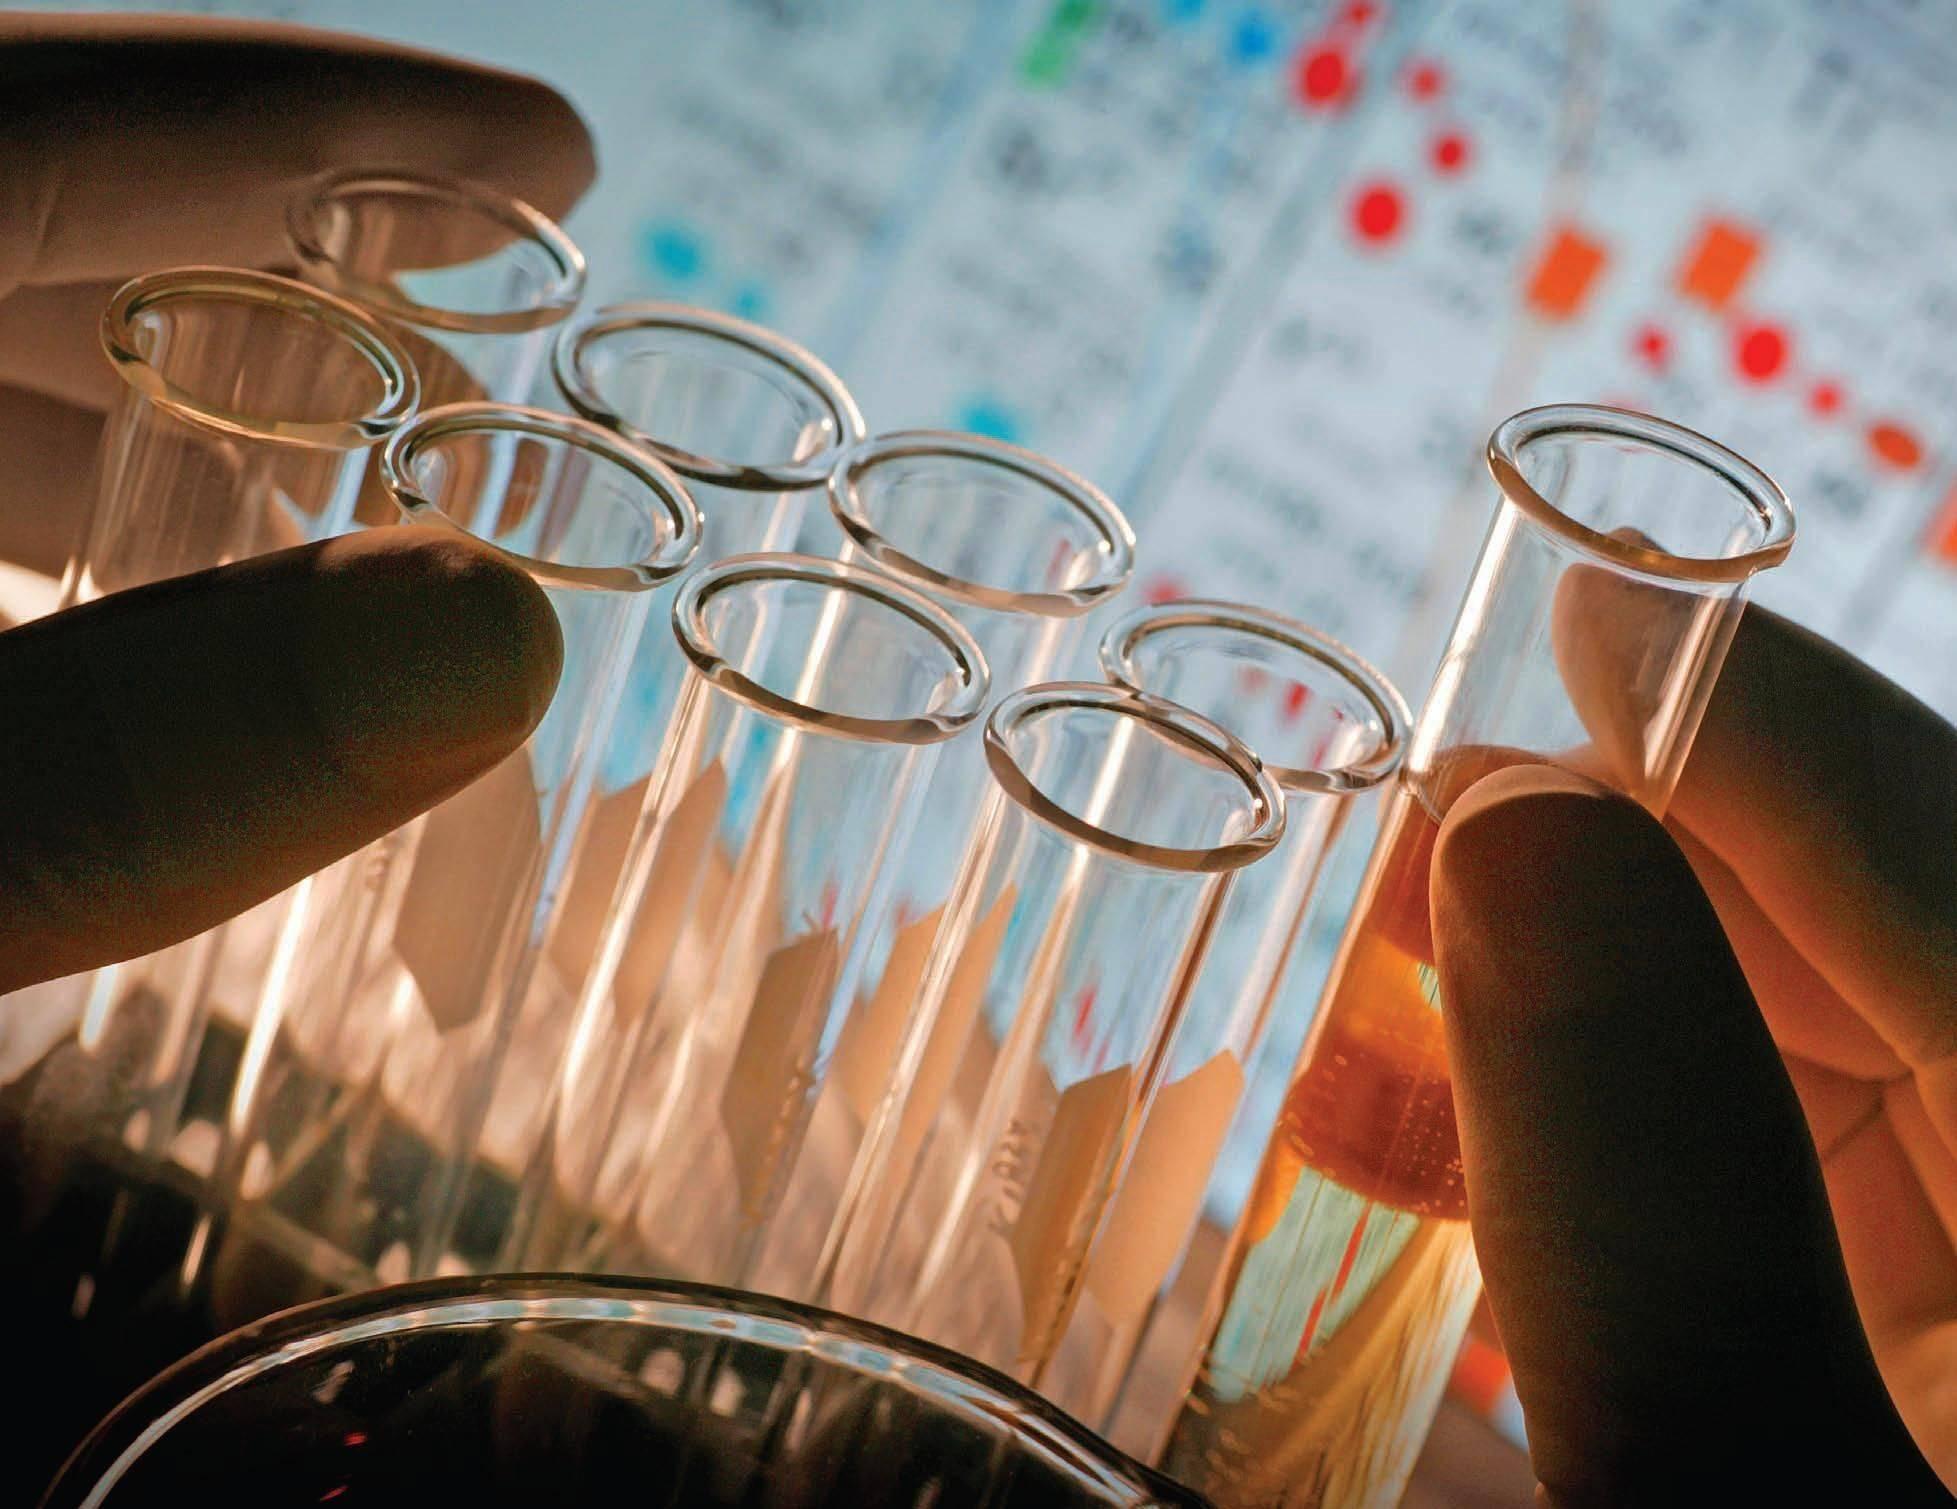 Фармакогенетика. Гены подскажут какое лекарство подойдет